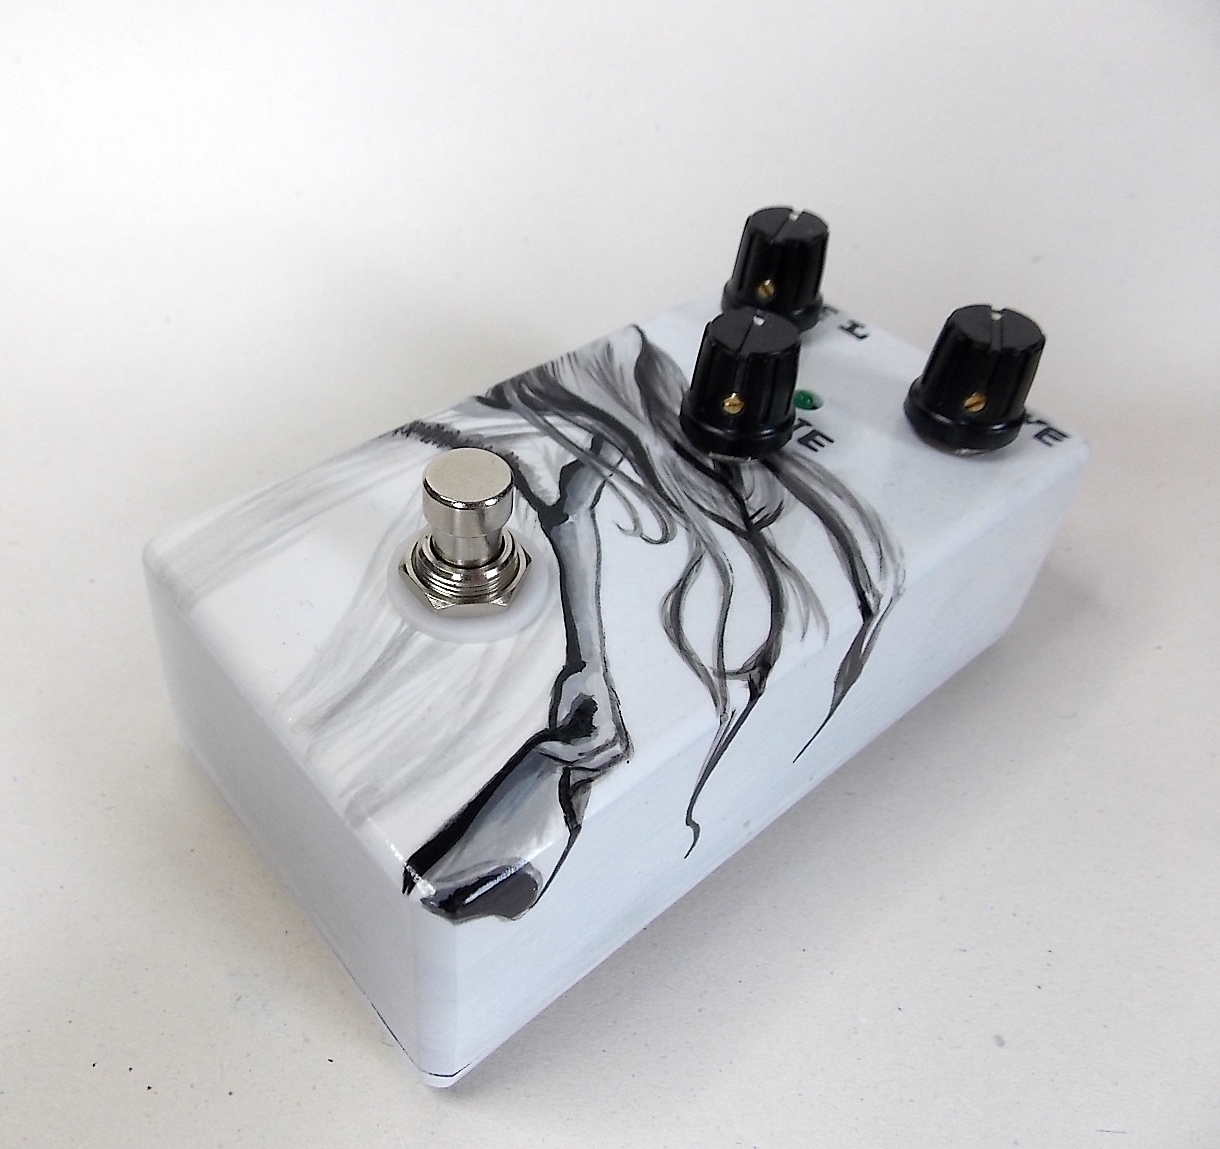 Ibanez Tube Screamer TS-808 clone